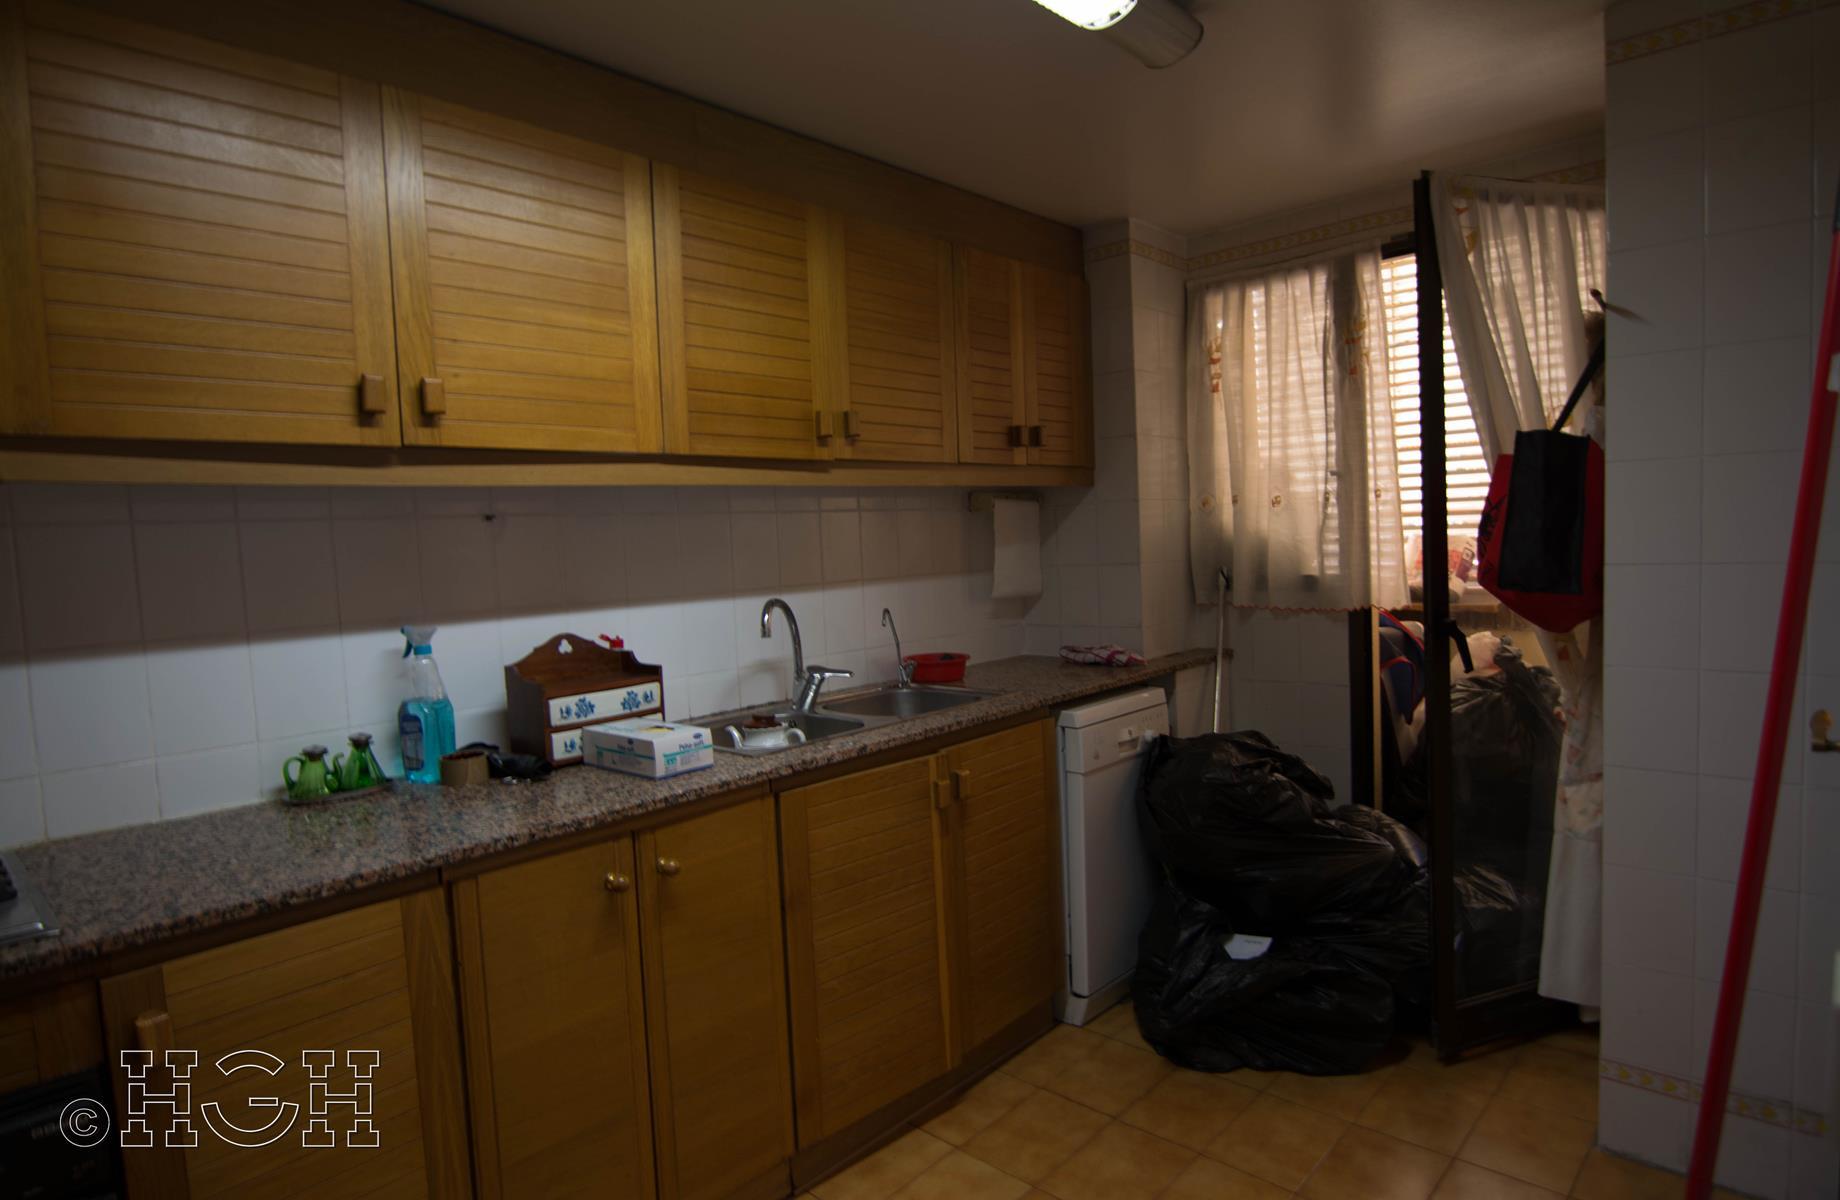 Vistoso La Terapia Apartamento Azulejo Piso De La Cocina Imágenes ...